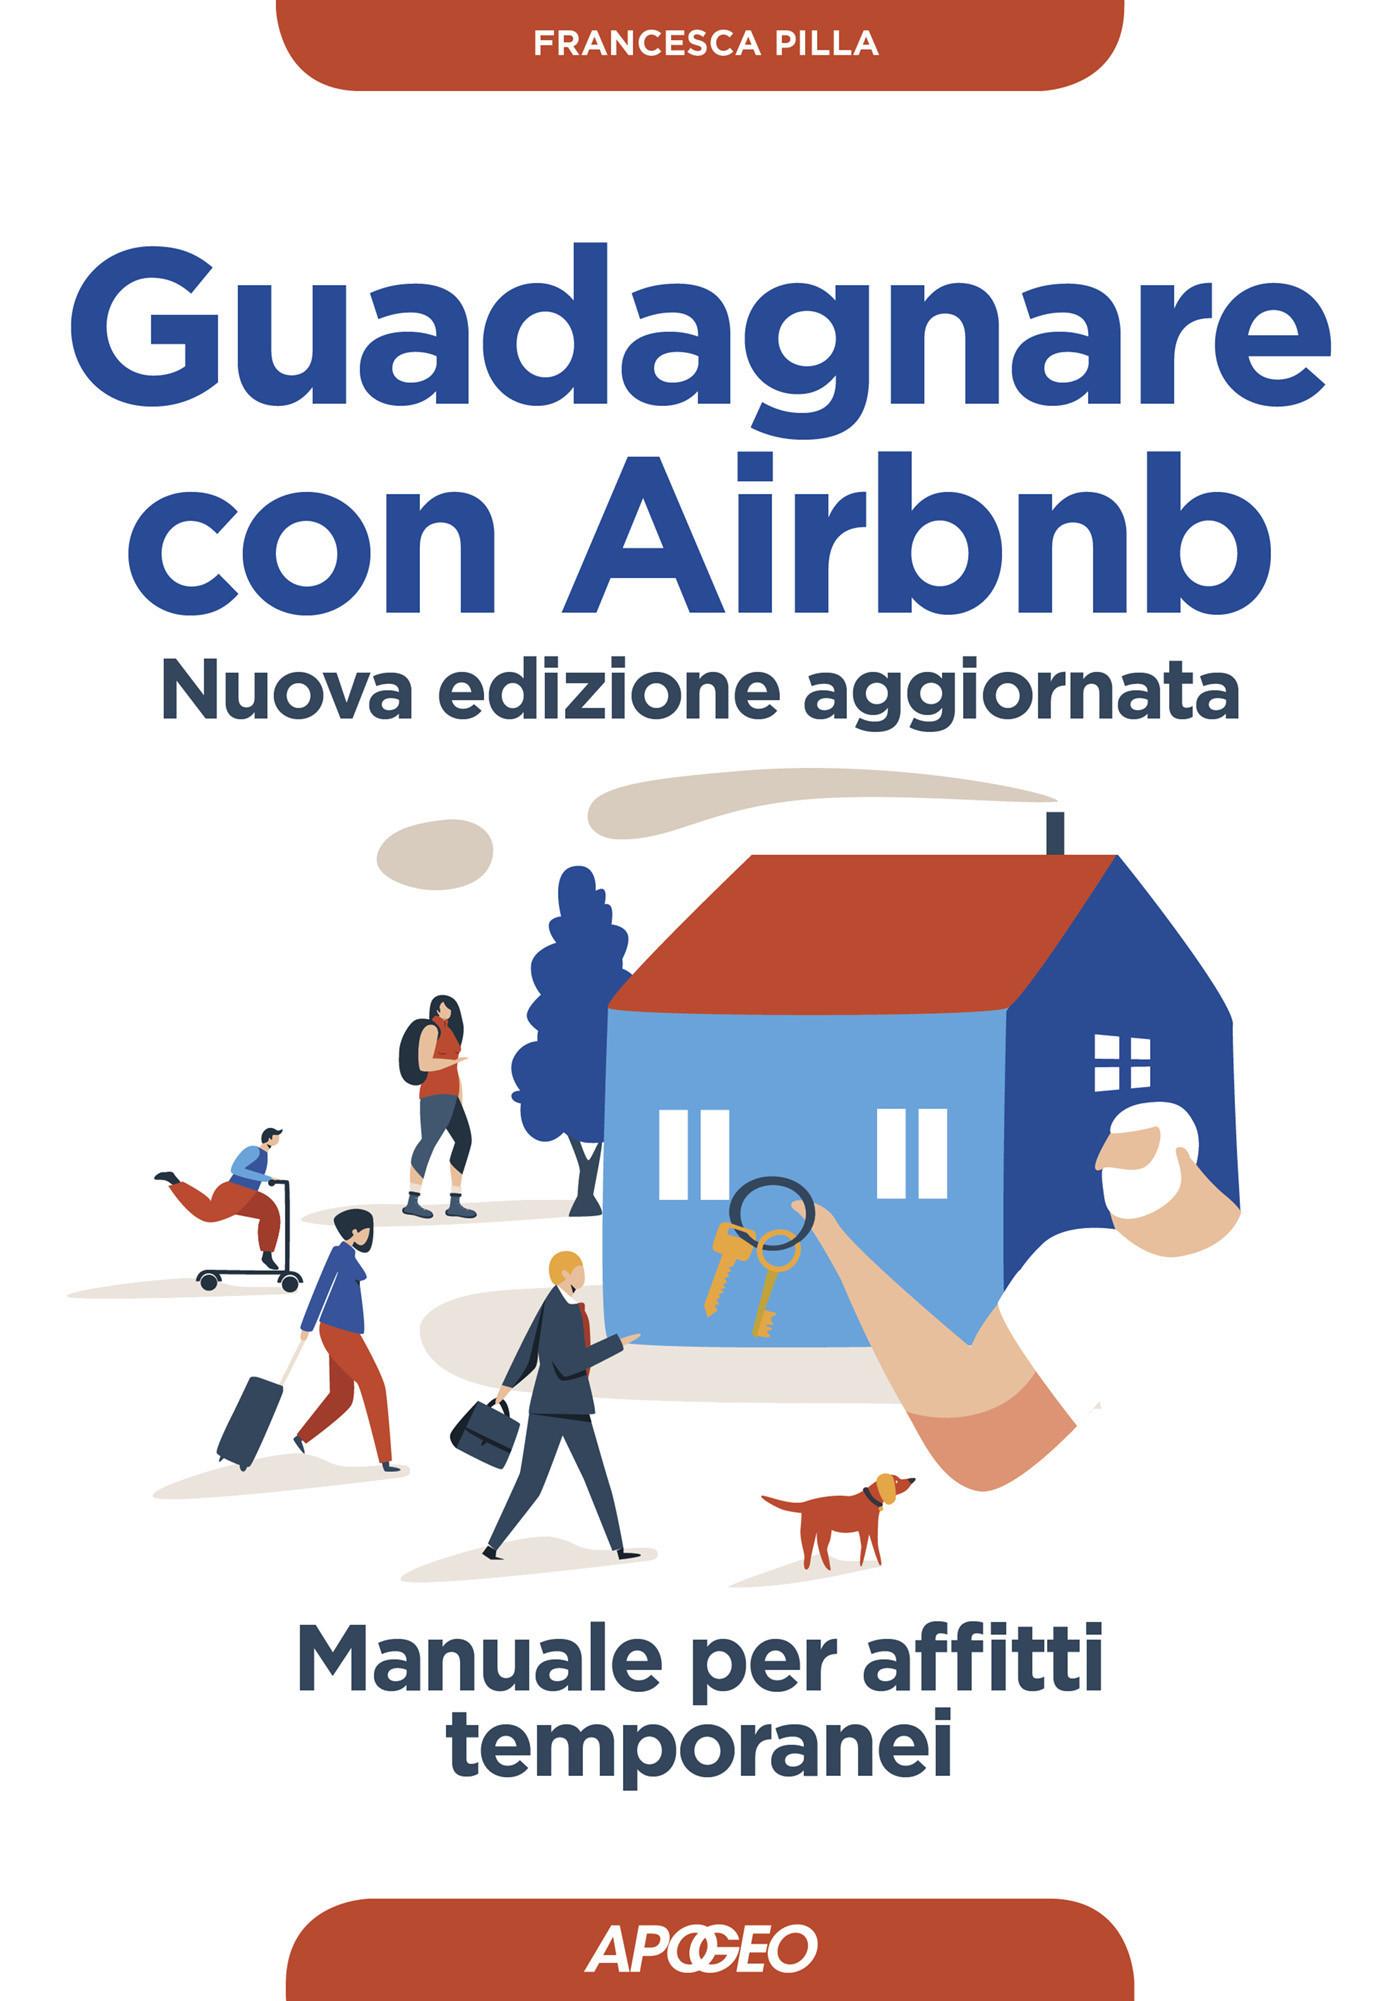 Guadagnare con Airbnb - Manuale per affitti temporanei, di Francesca Pilla